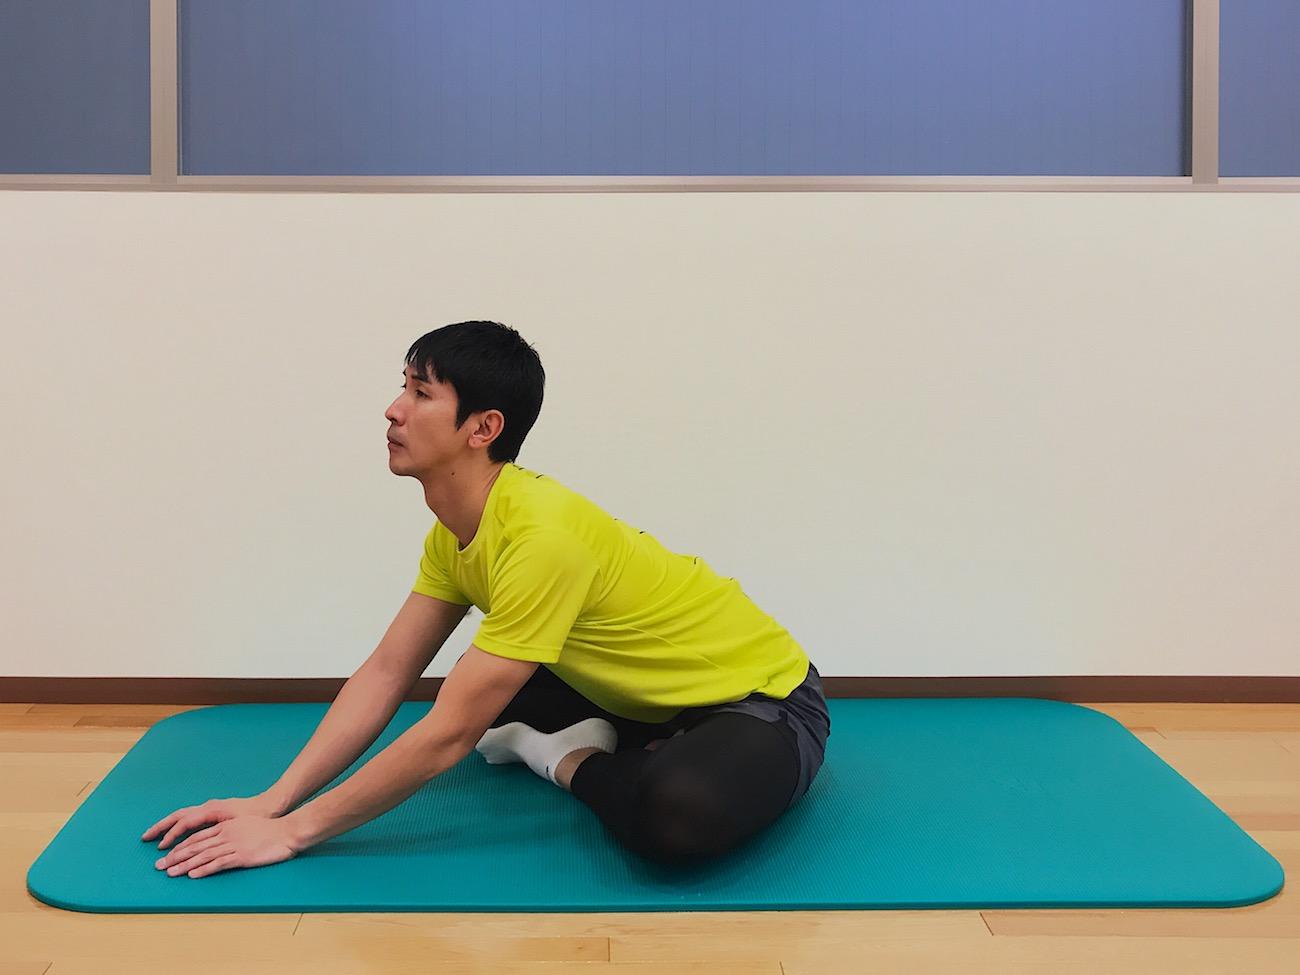 アグラ姿勢で行うお尻(大殿筋)の筋肉のストレッチの方法